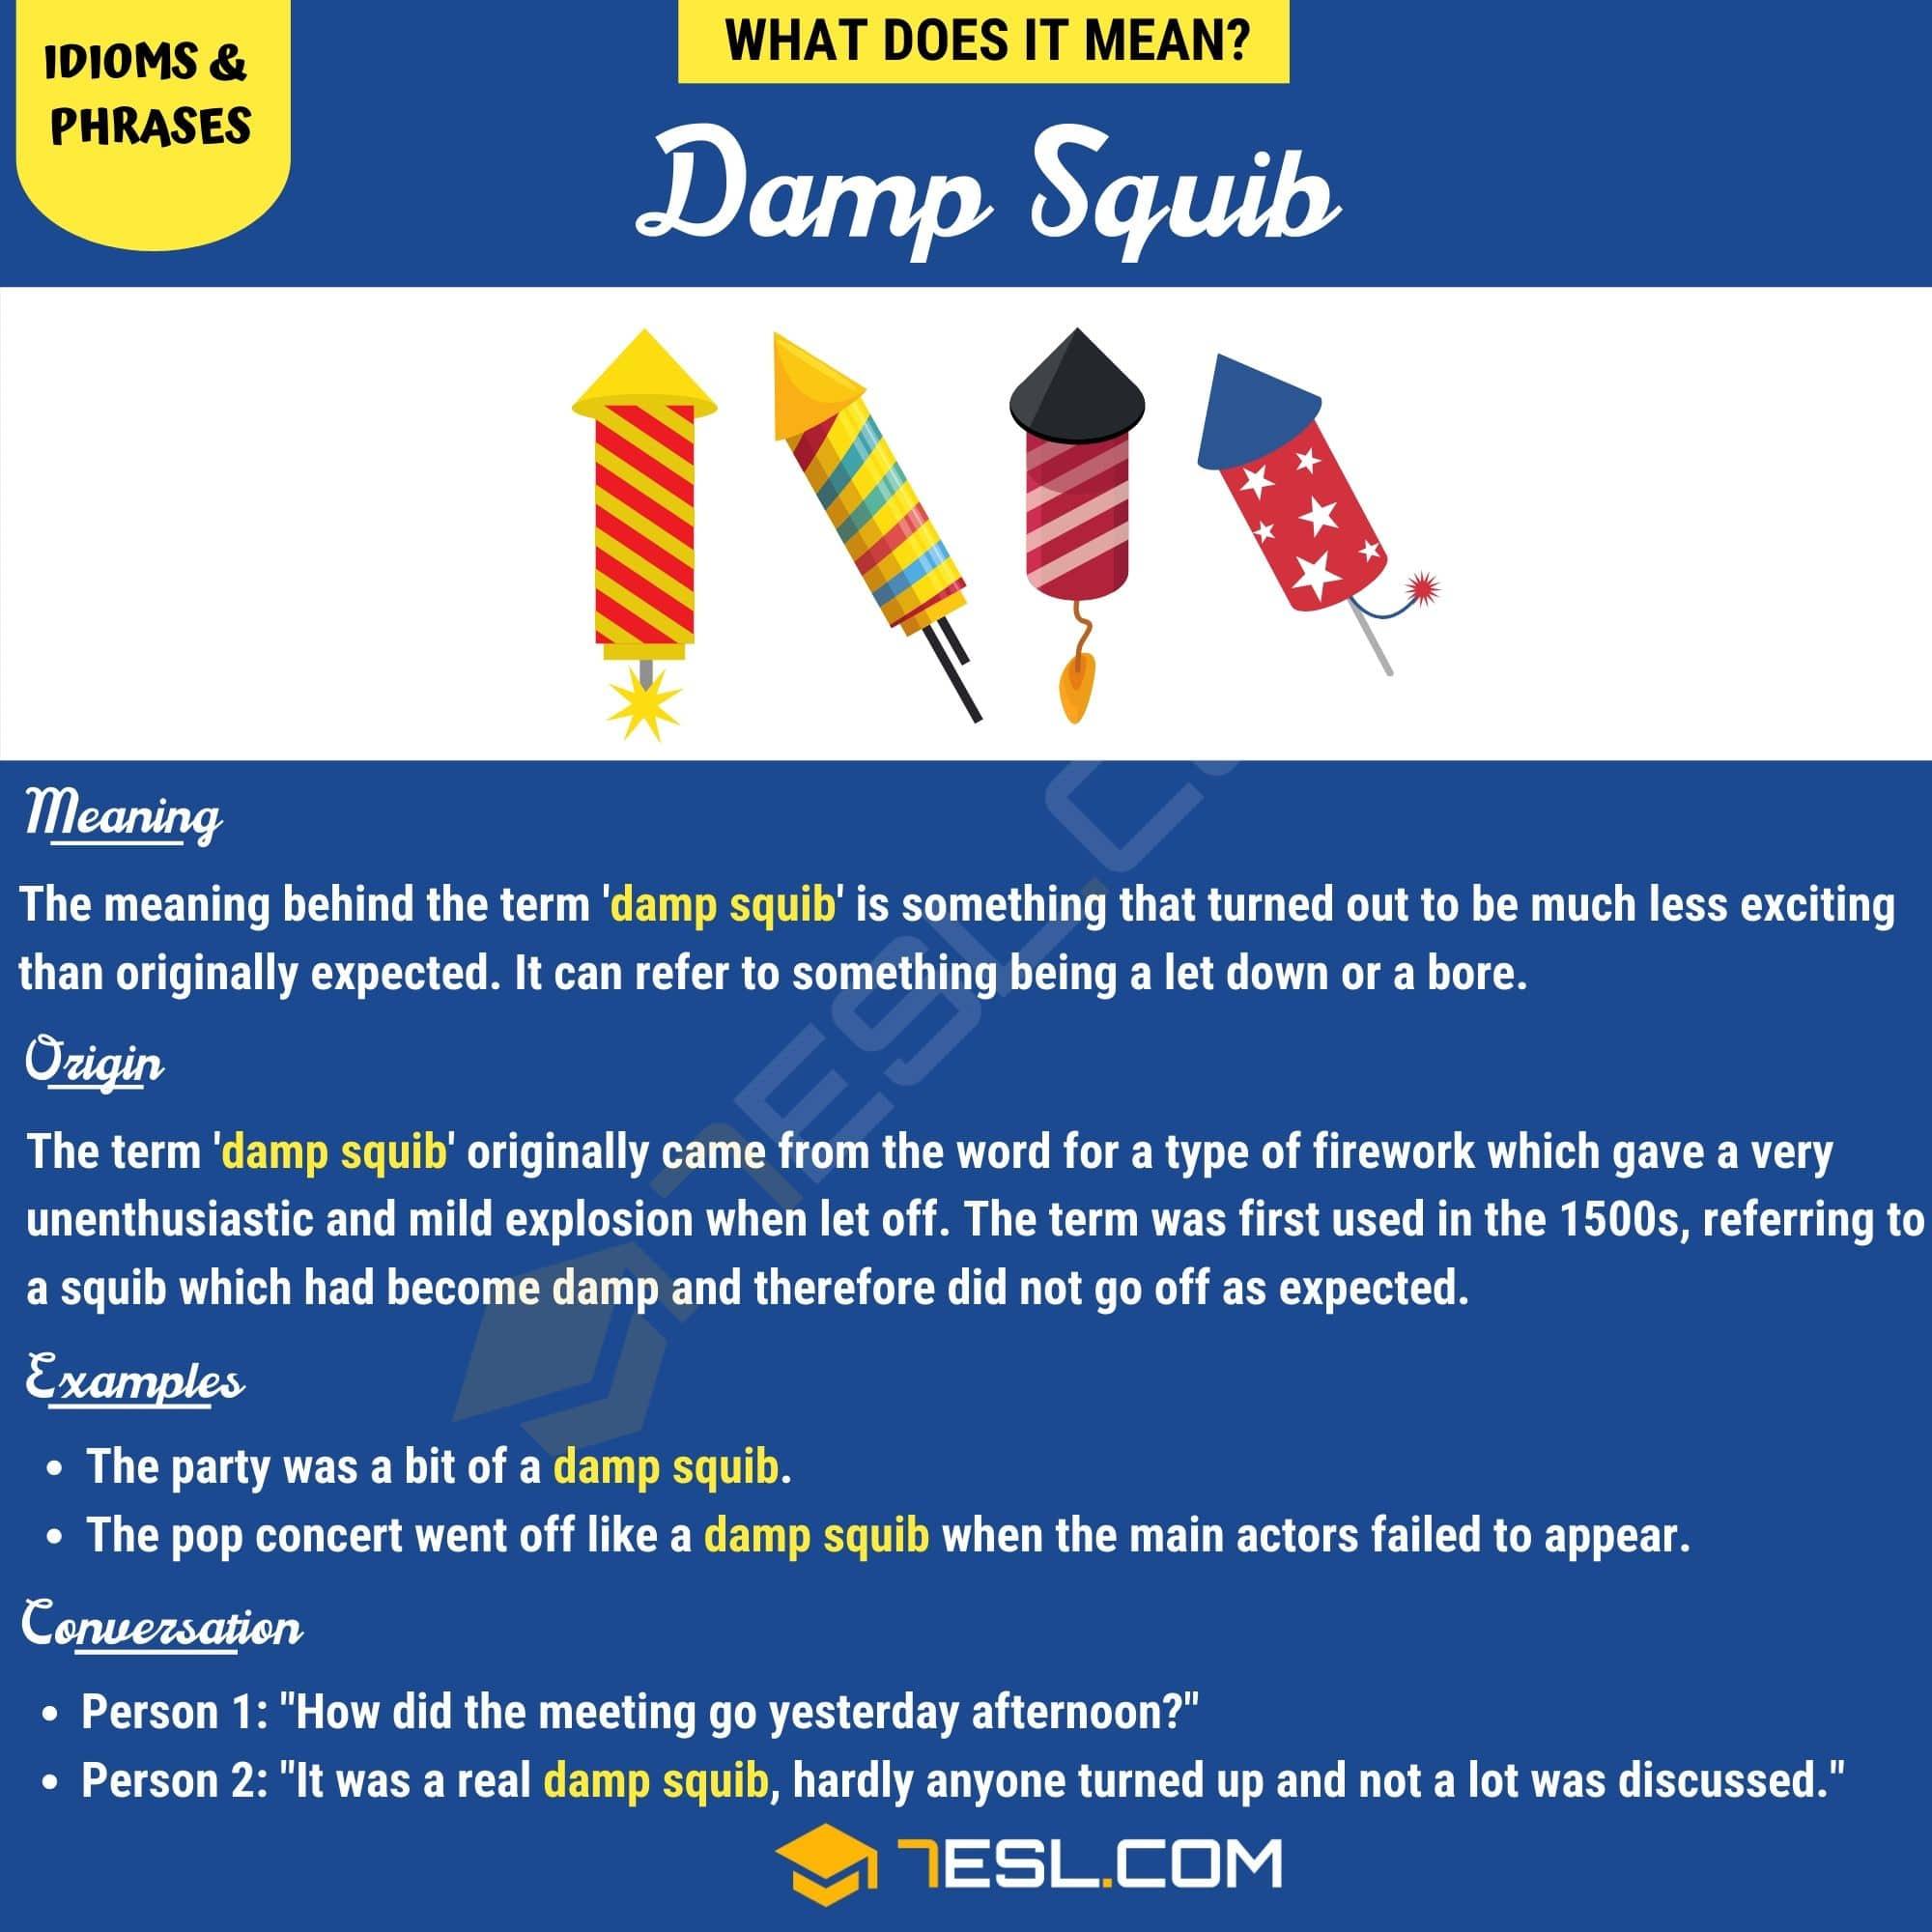 Damp Squib